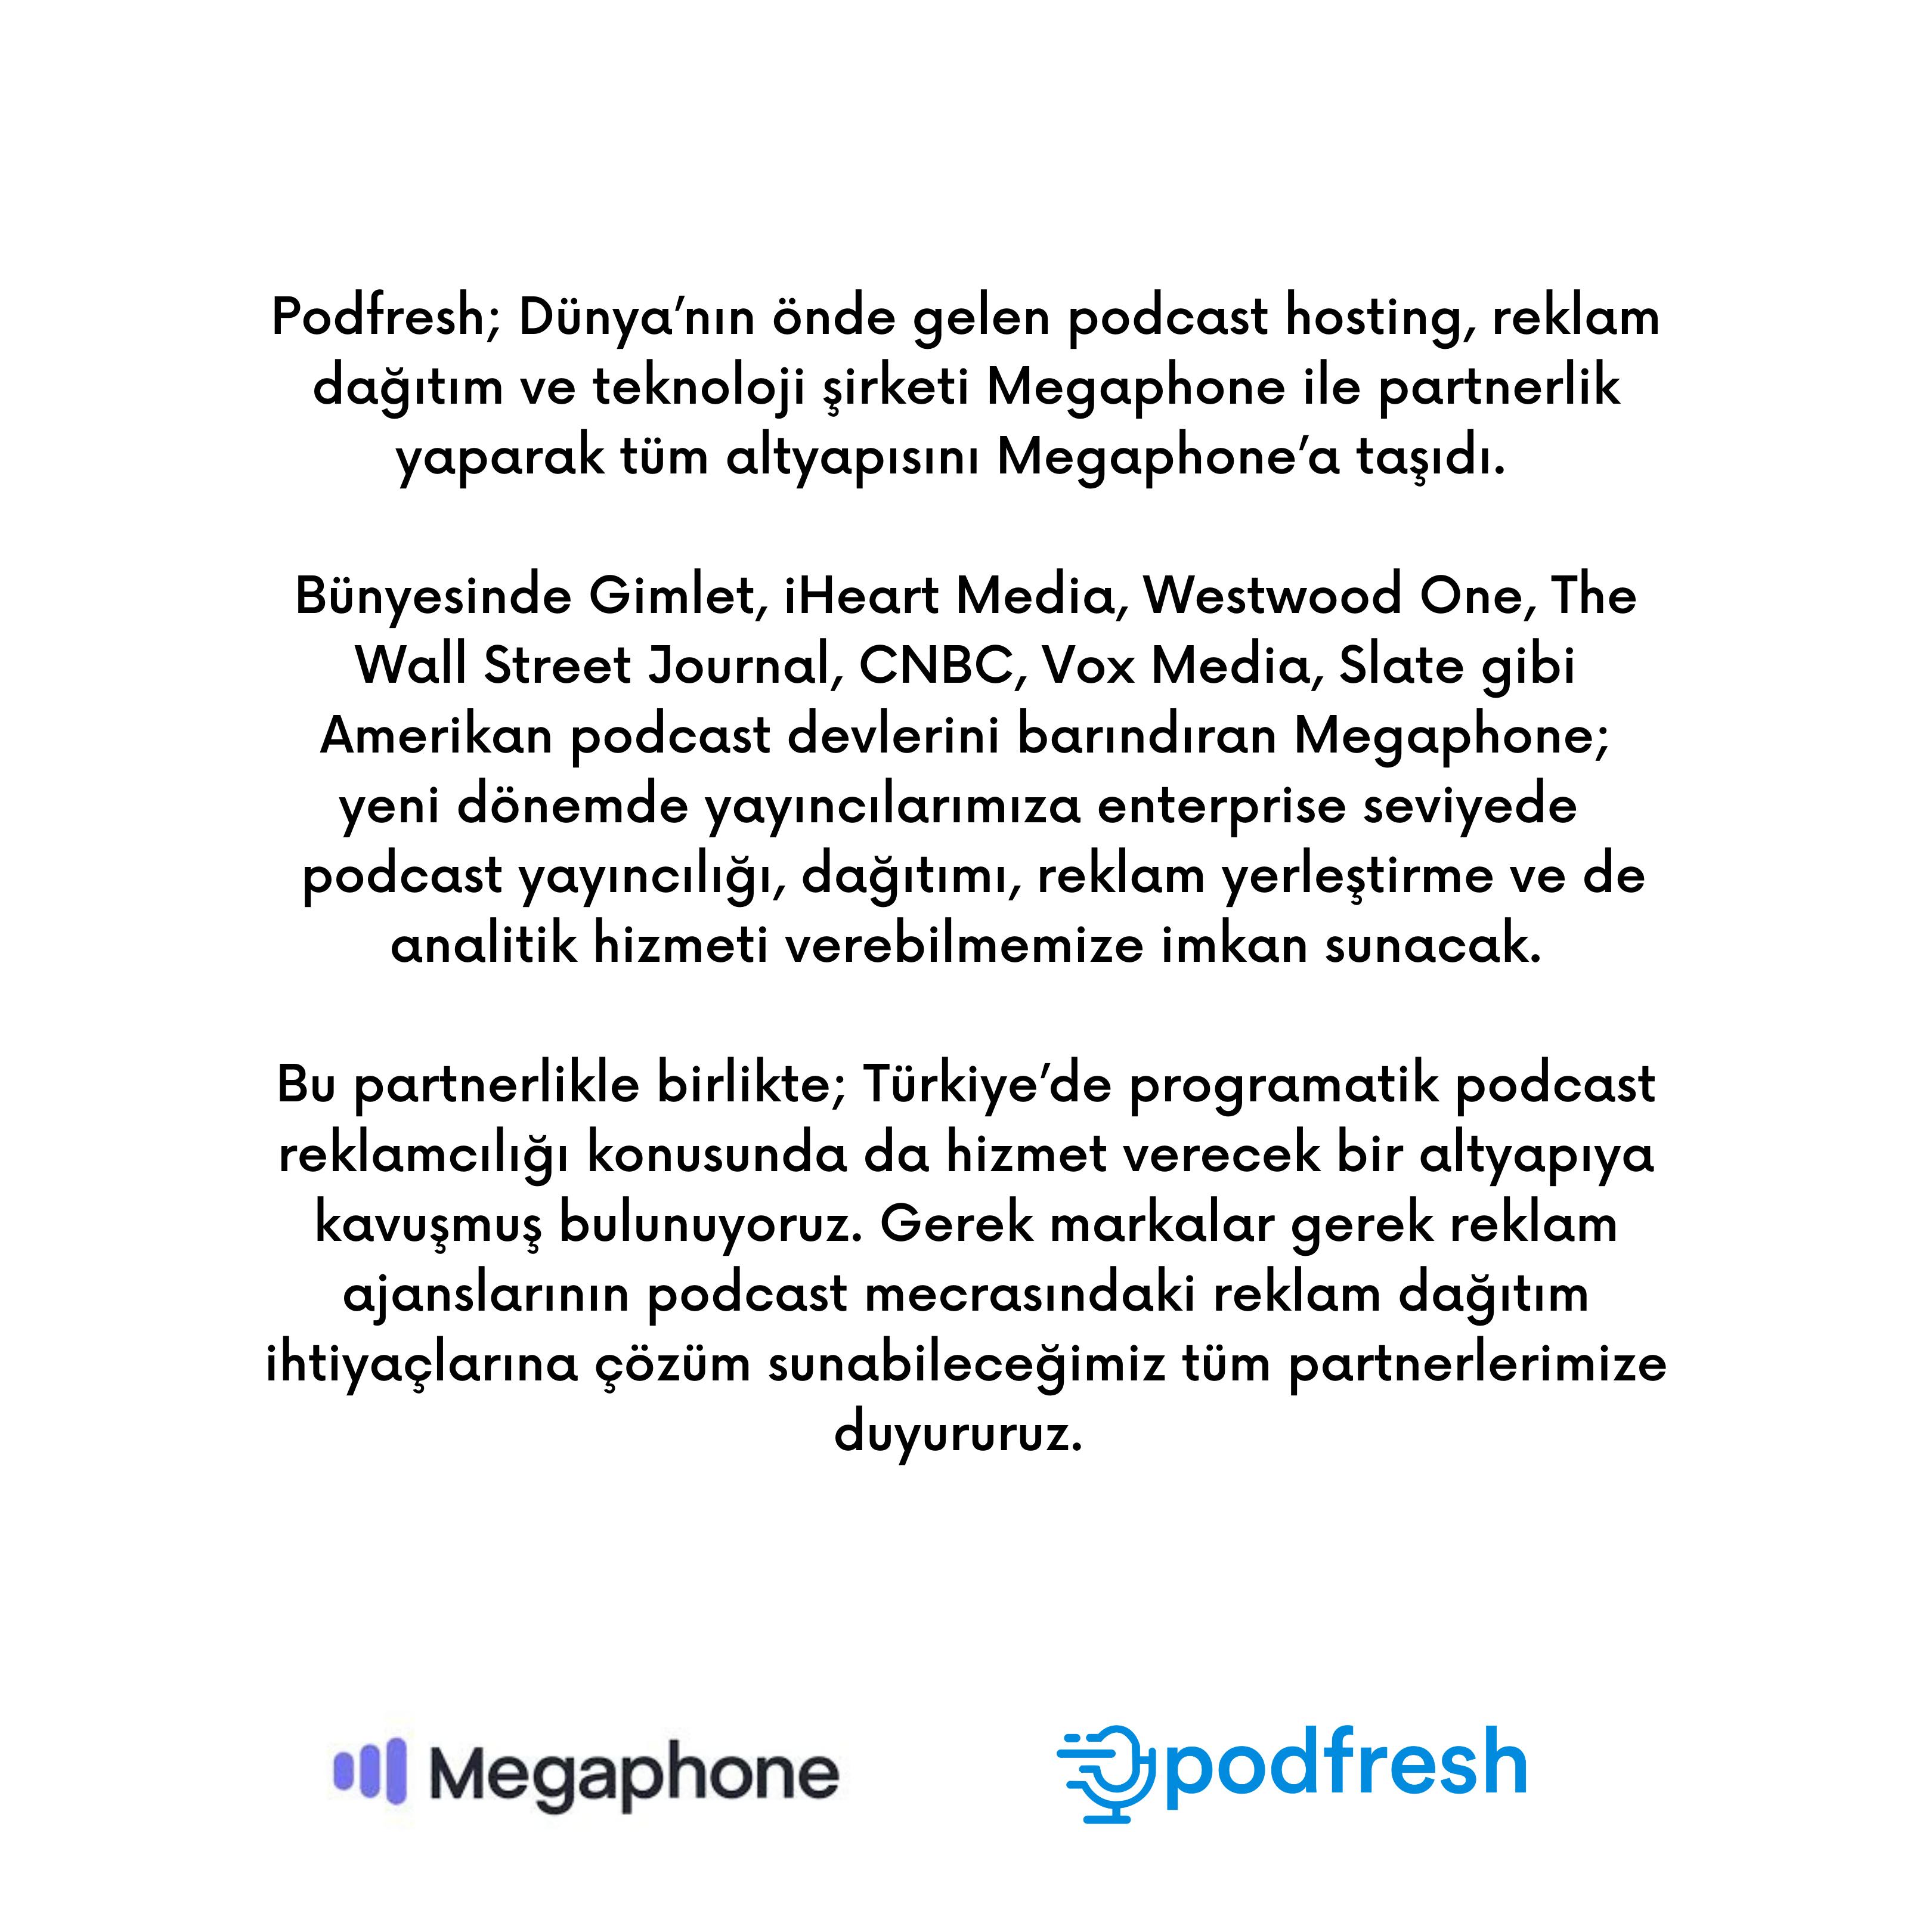 Podfresh & Megaphone